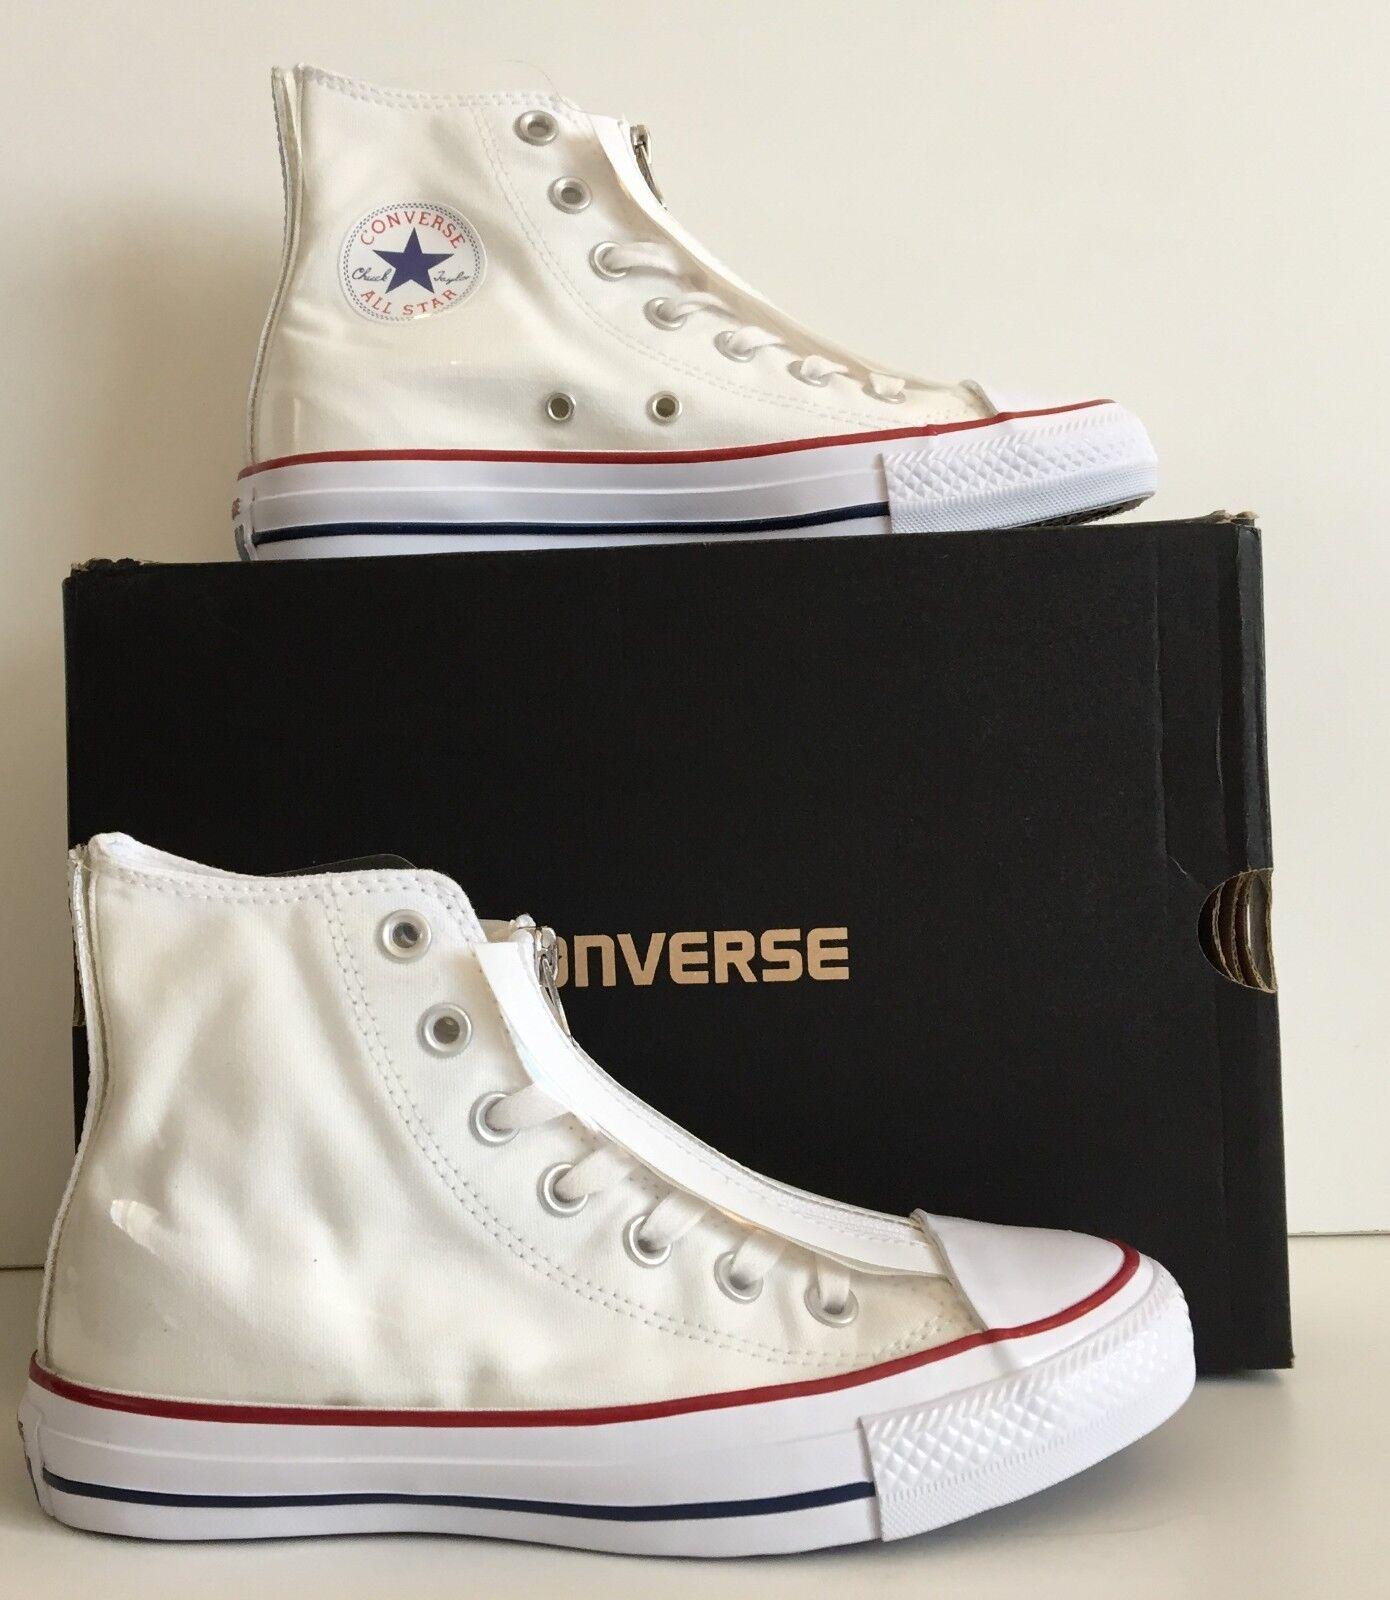 Converse Alte SUDARIO bianco traslucido Sneaker Alte Converse Taglia 3 cef260